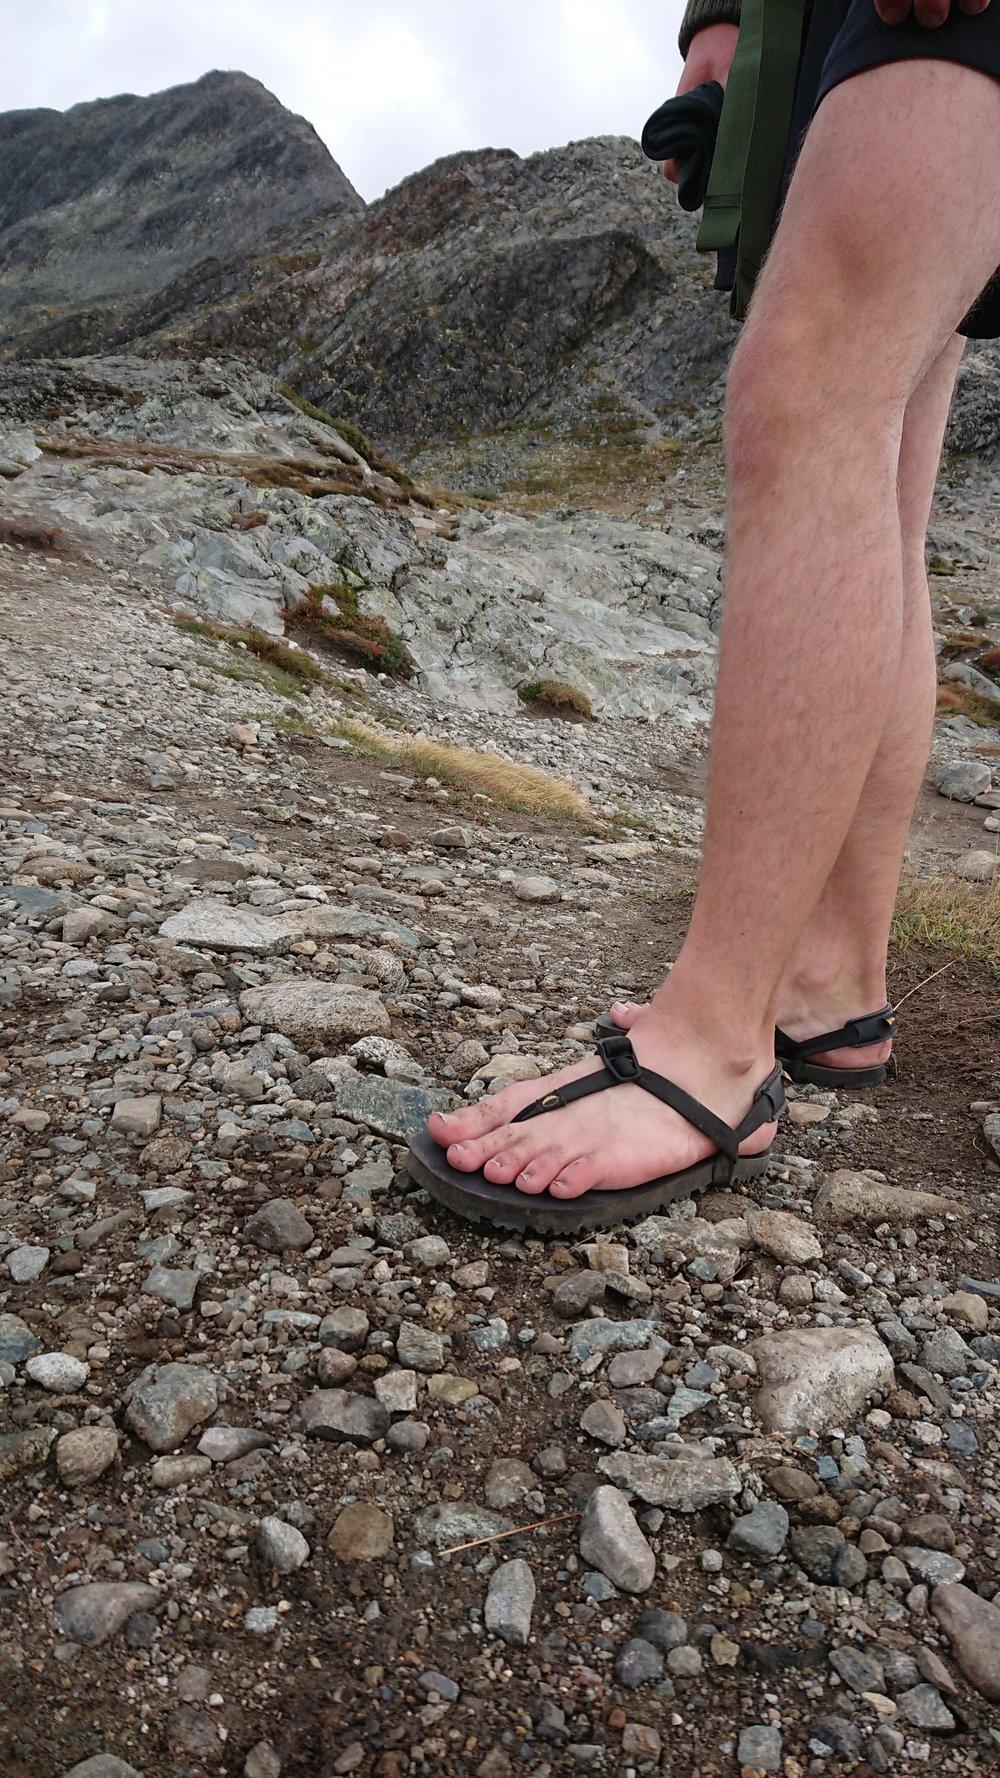 Dette er noko av det fottøyet som blir bruka på Besseggen, men IKKJE det vi anbefalar nokon å gå med! Vi ser helst at du går i ordentlige fjellsko.  Foto: GJENDEGUIDEN